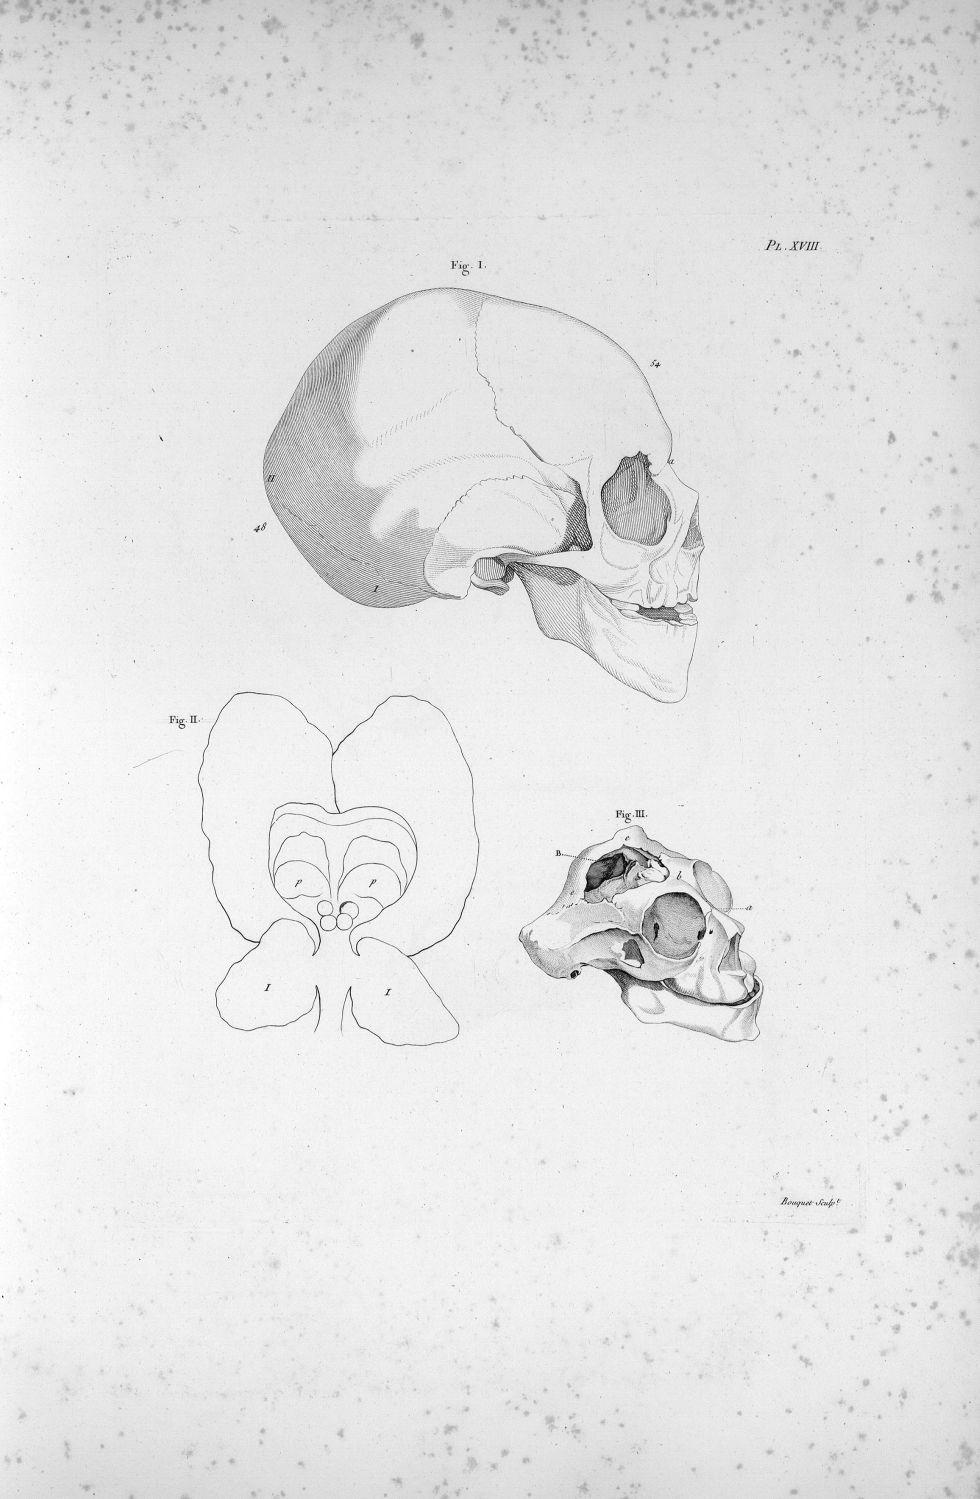 Pl. XVIII. Fig. II. Contour du cerveau d'un jeune homme complètement imbécile [...] ; crâne d'un enf [...] - Anatomie. Neurologie. Cerveaux. Crânes. Phrénologie. 19e siècle (France) - med00575xatlasx0028